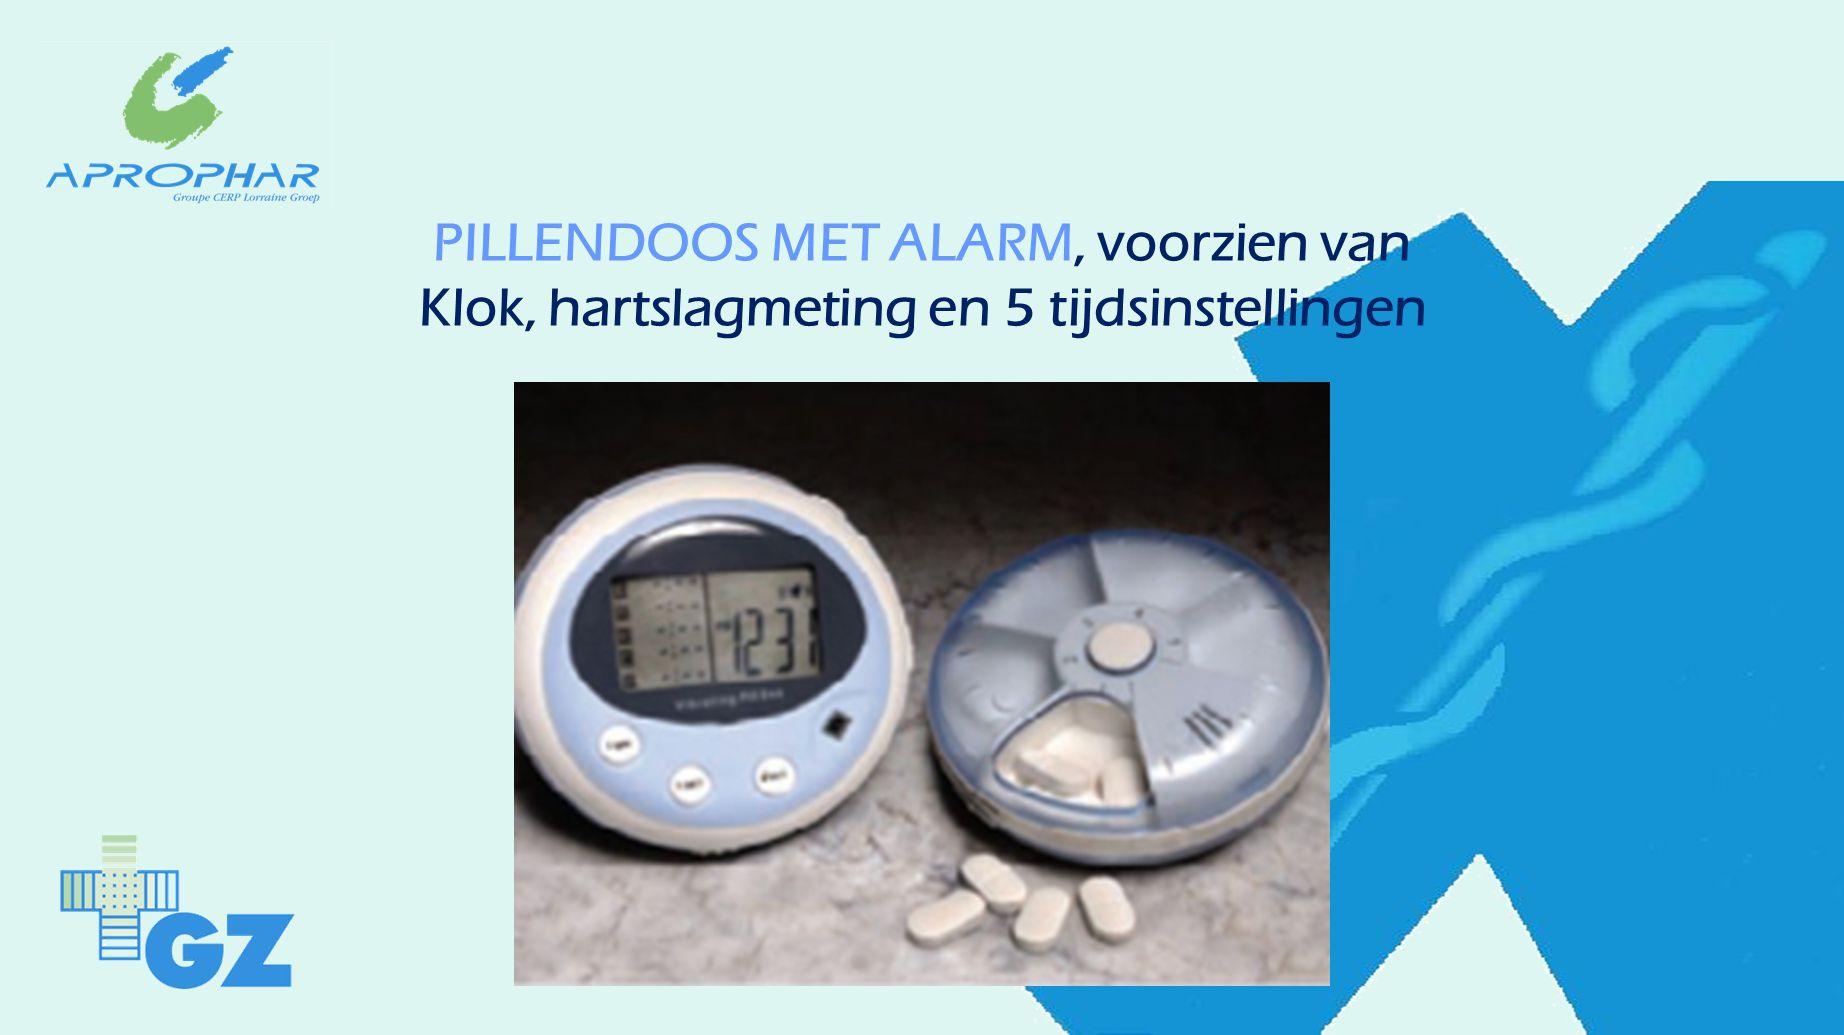 PILLENDOOS MET ALARM, voorzien van Klok, hartslagmeting en 5 tijdsinstellingen